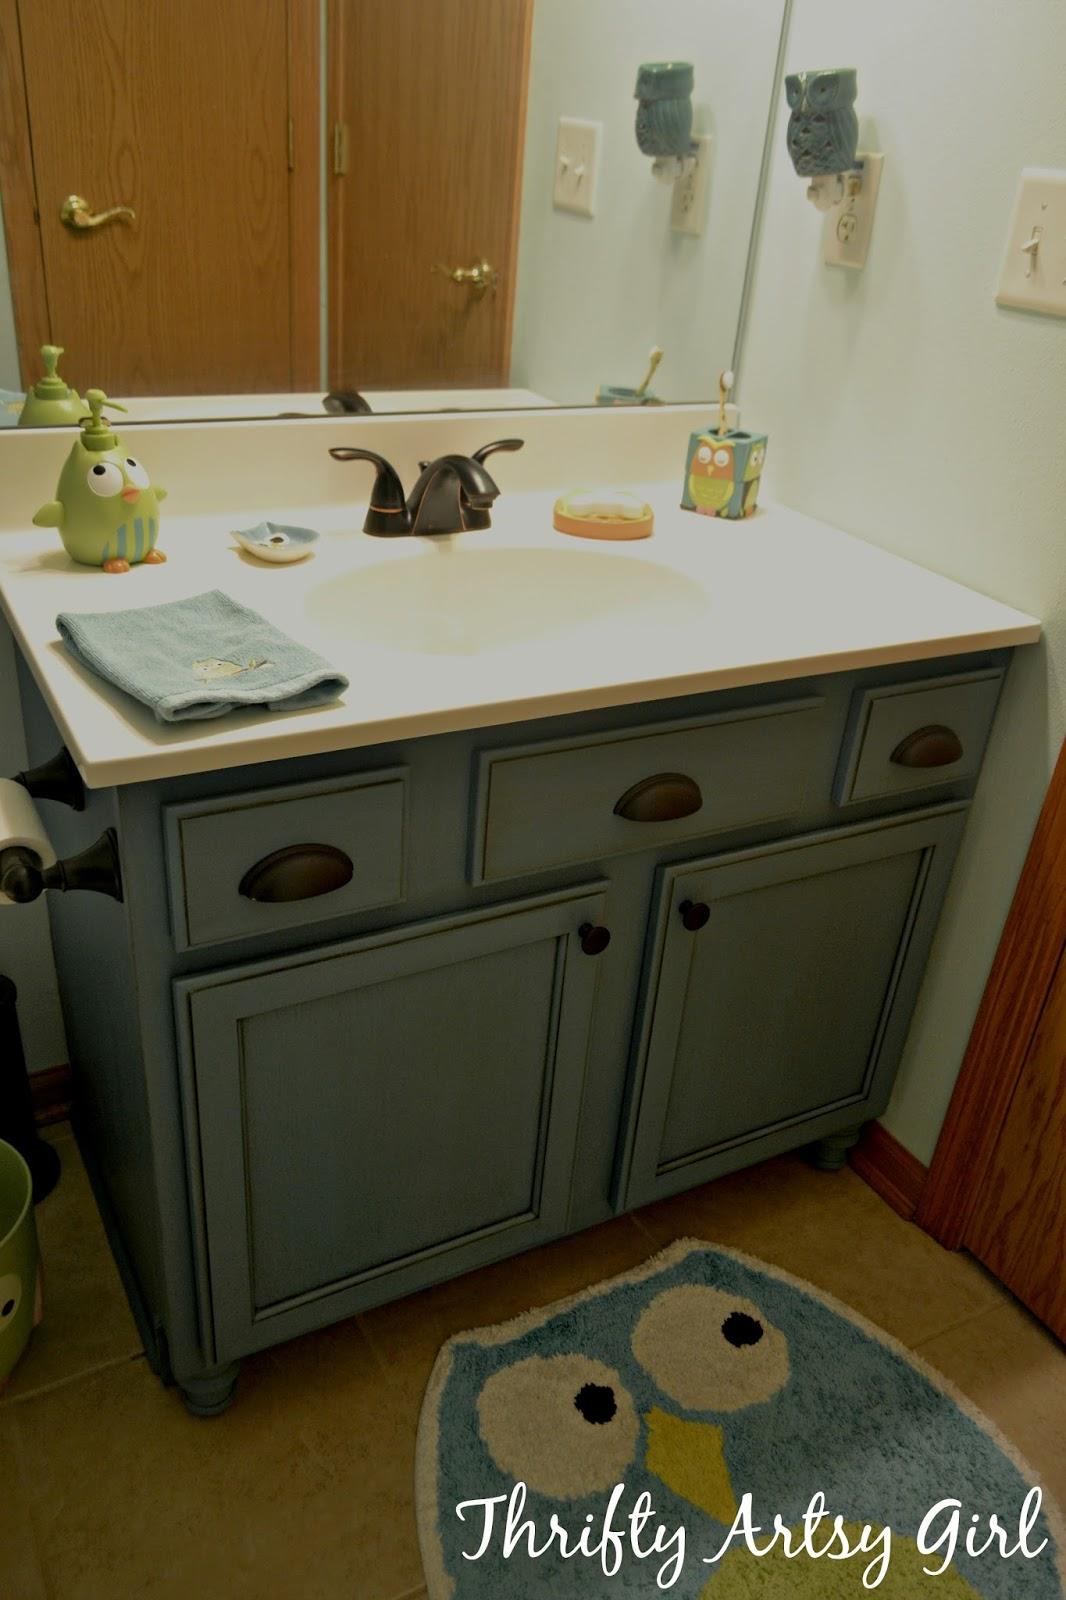 Thrifty Artsy Girl Builders Grade Teal Bathroom Vanity